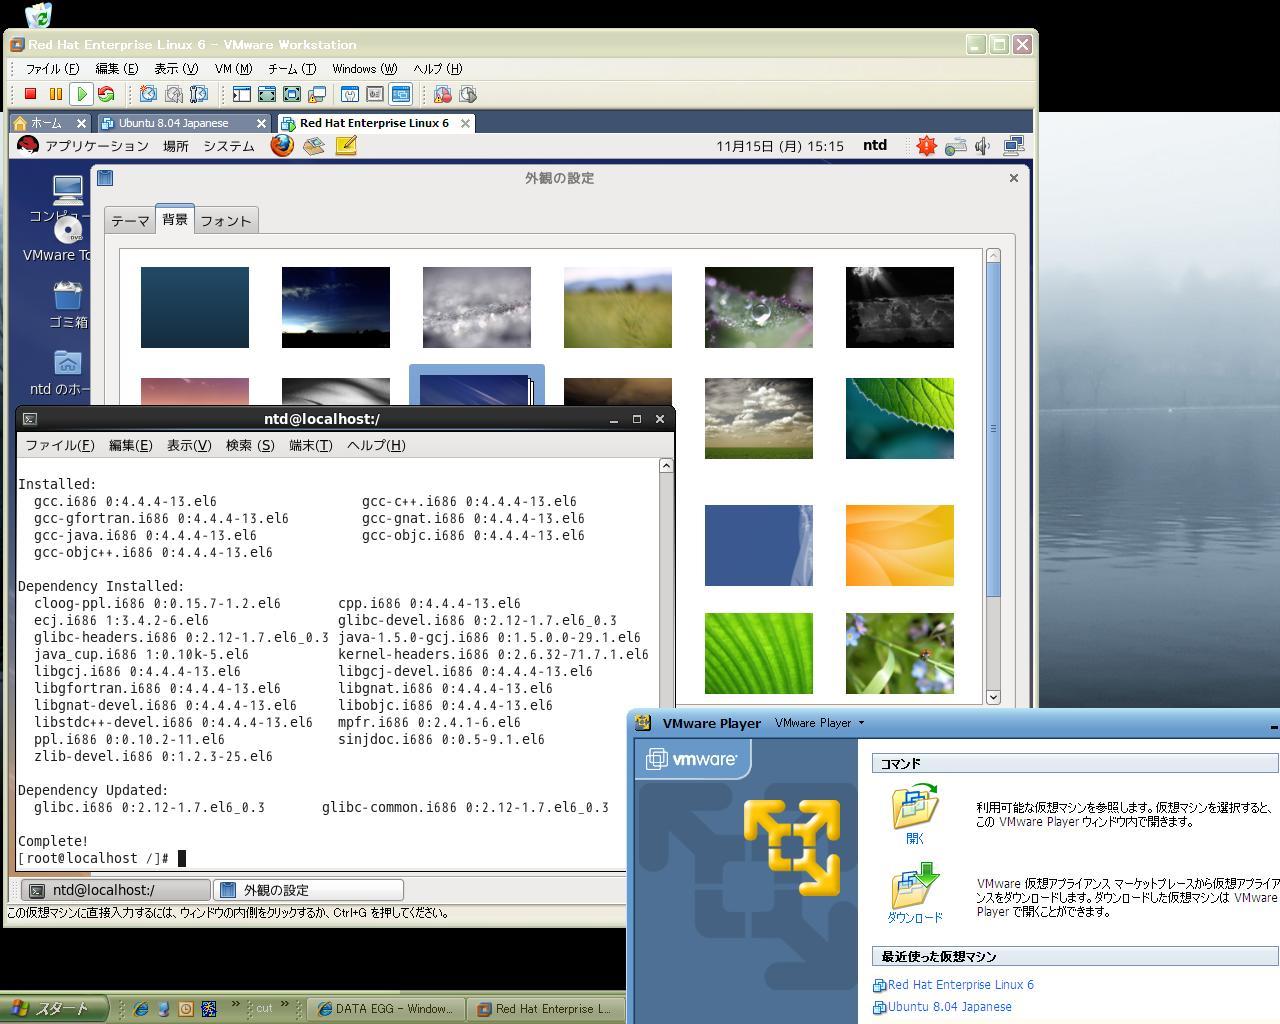 RHEL6とVMware